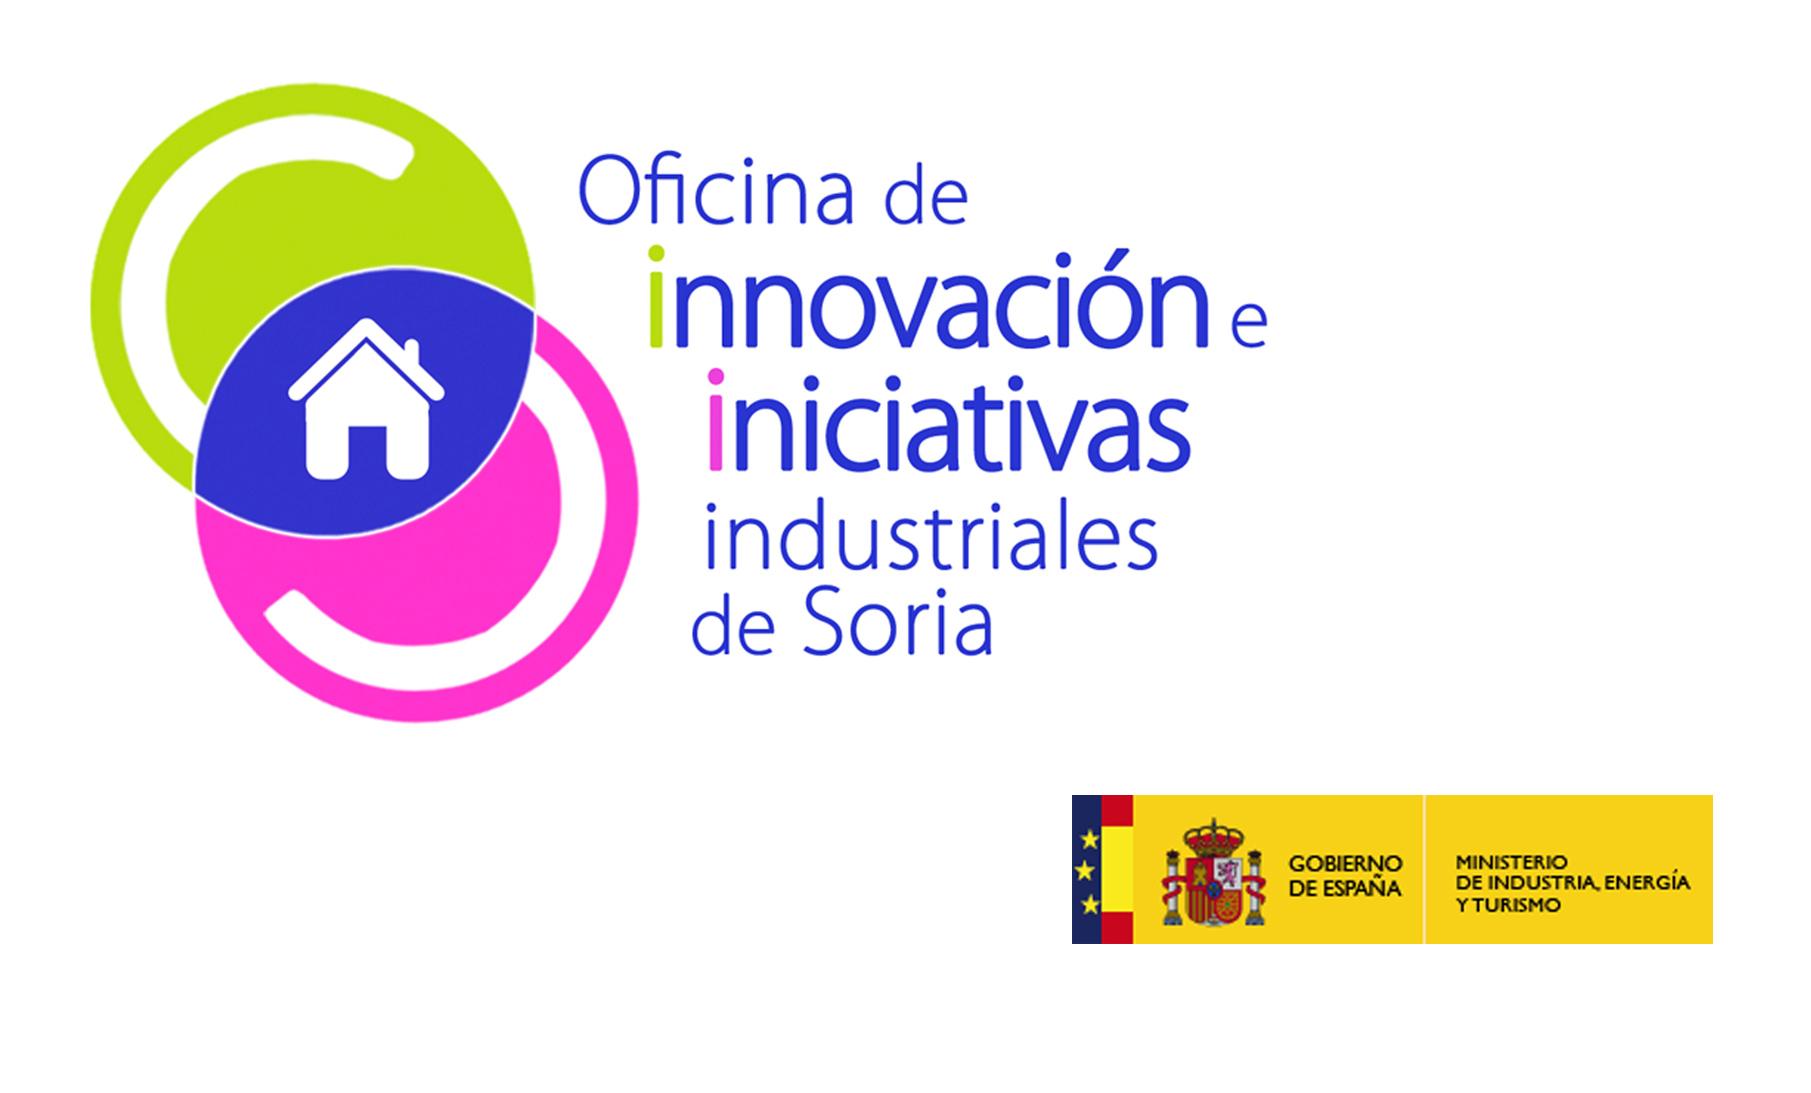 Oficina de innovaci n e iniciativas industriales de soria for Oficina proteccion datos